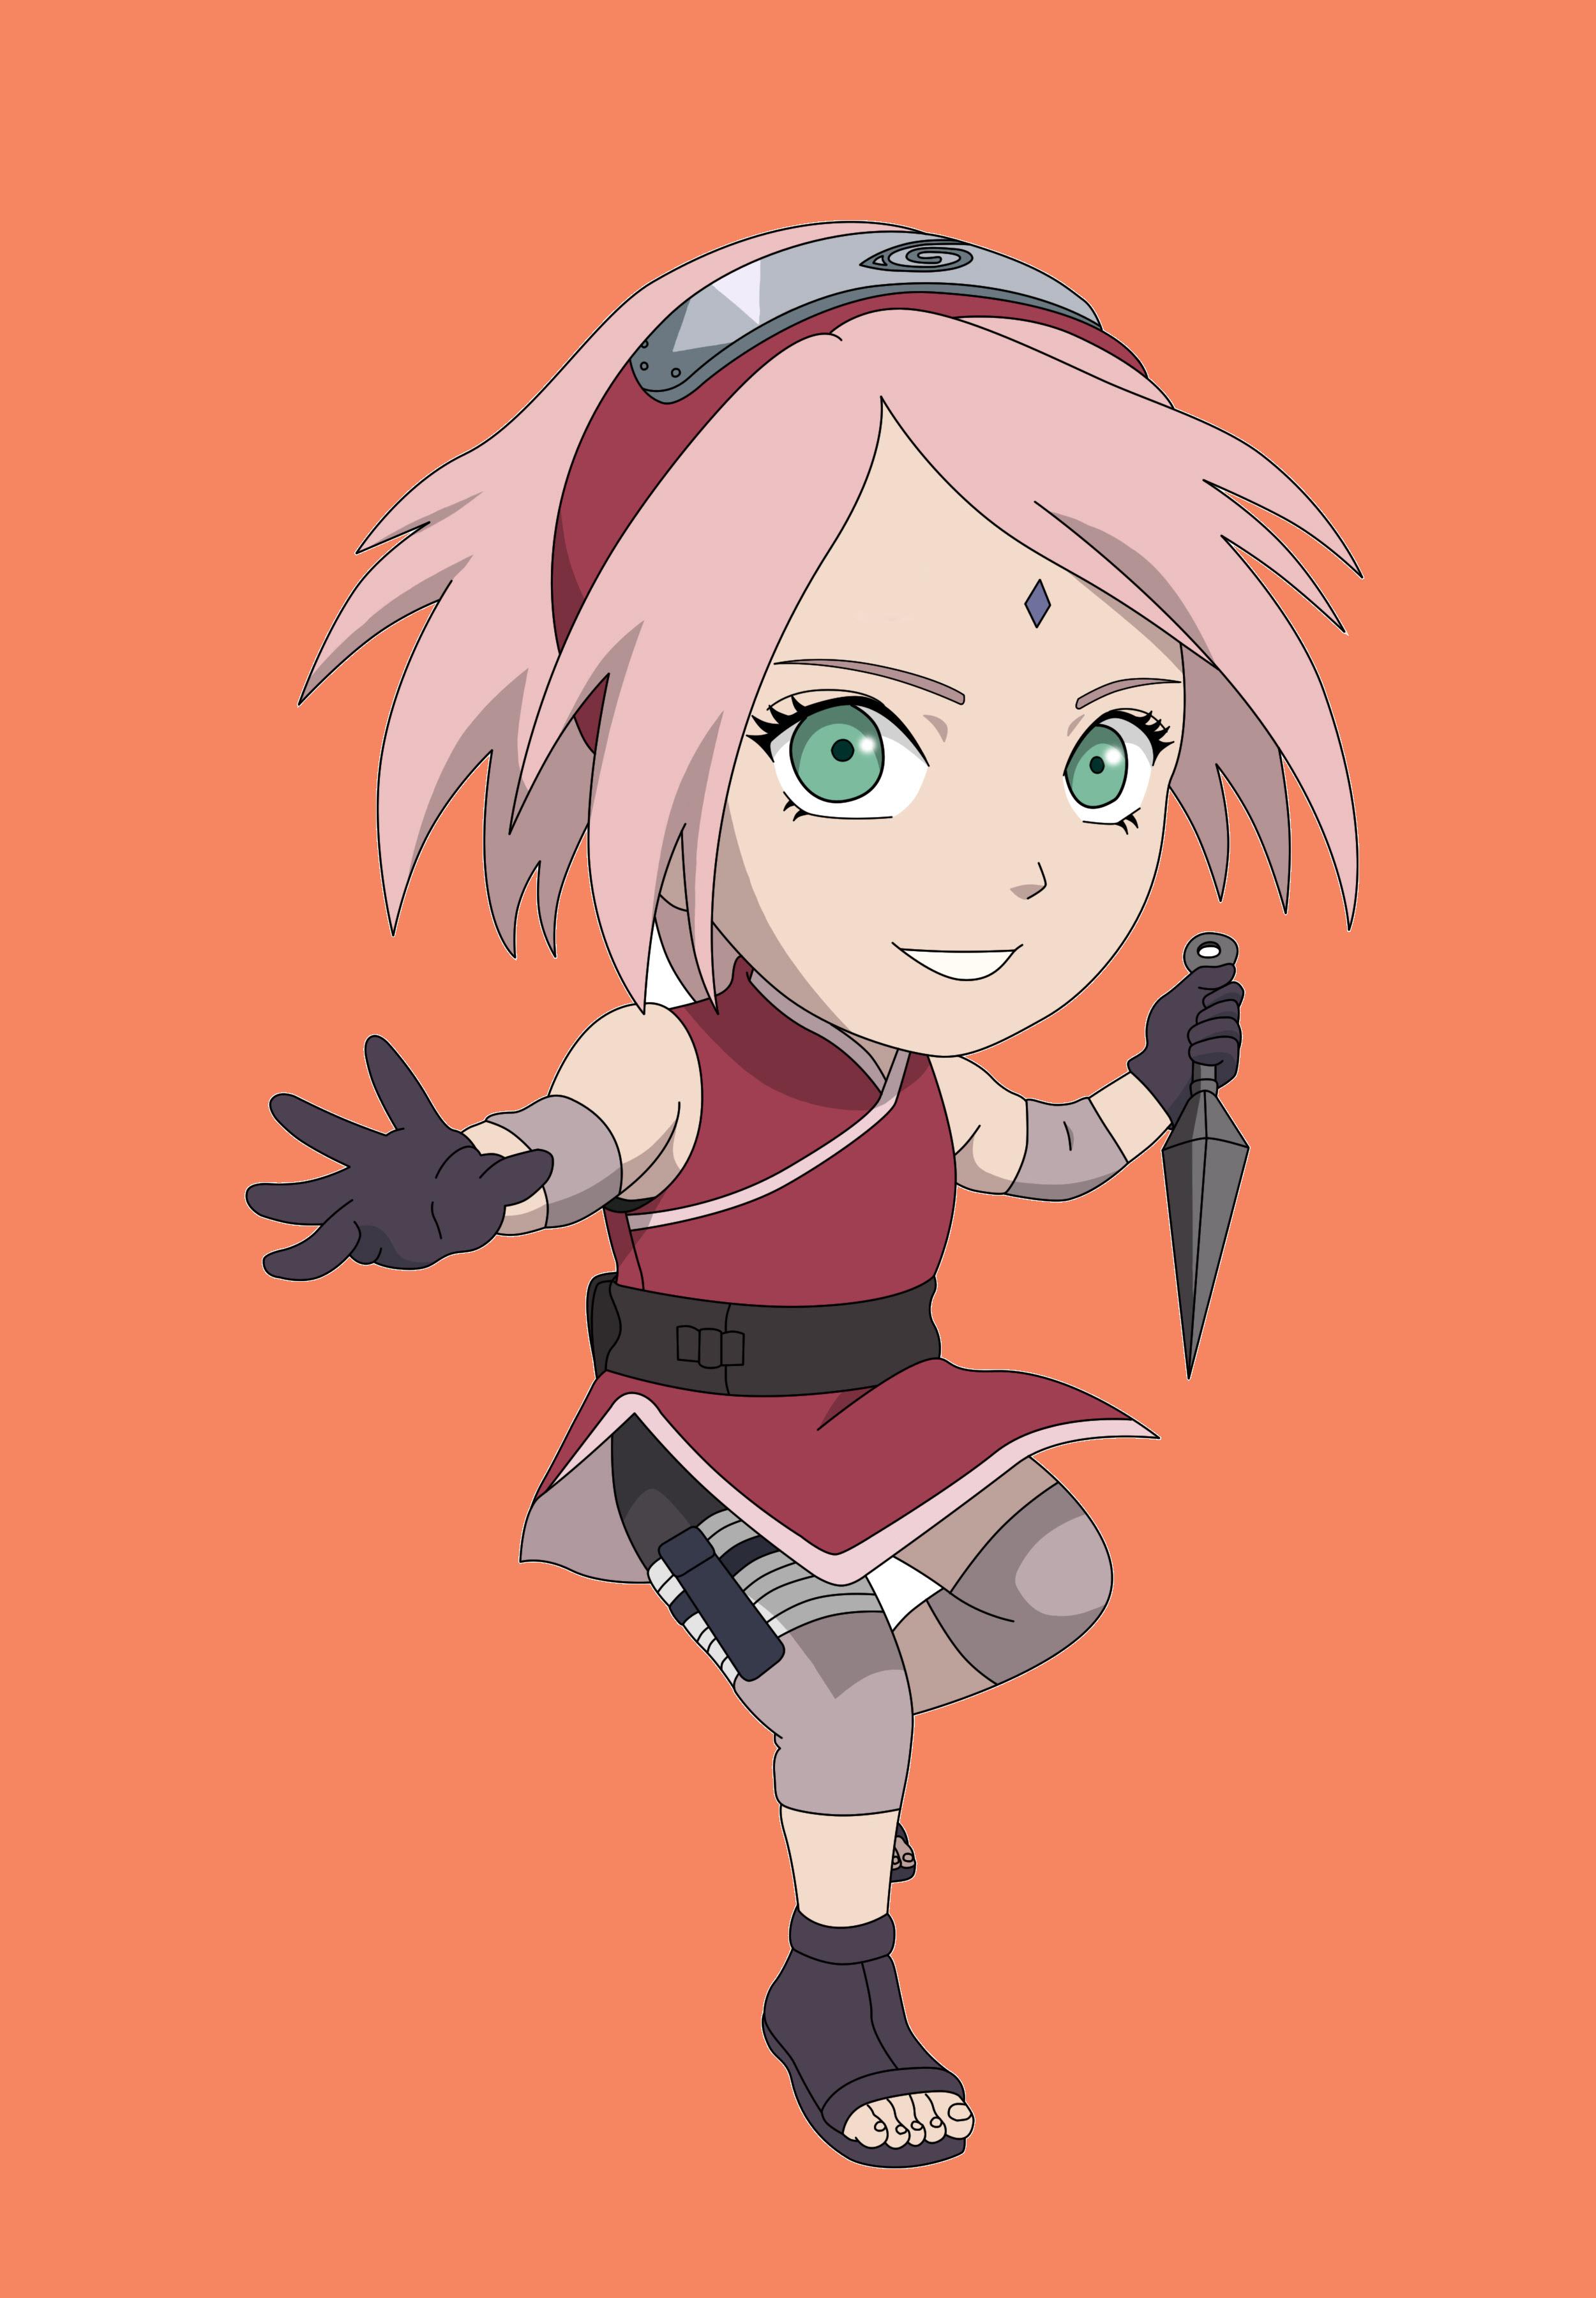 Sakura Naruto chibi